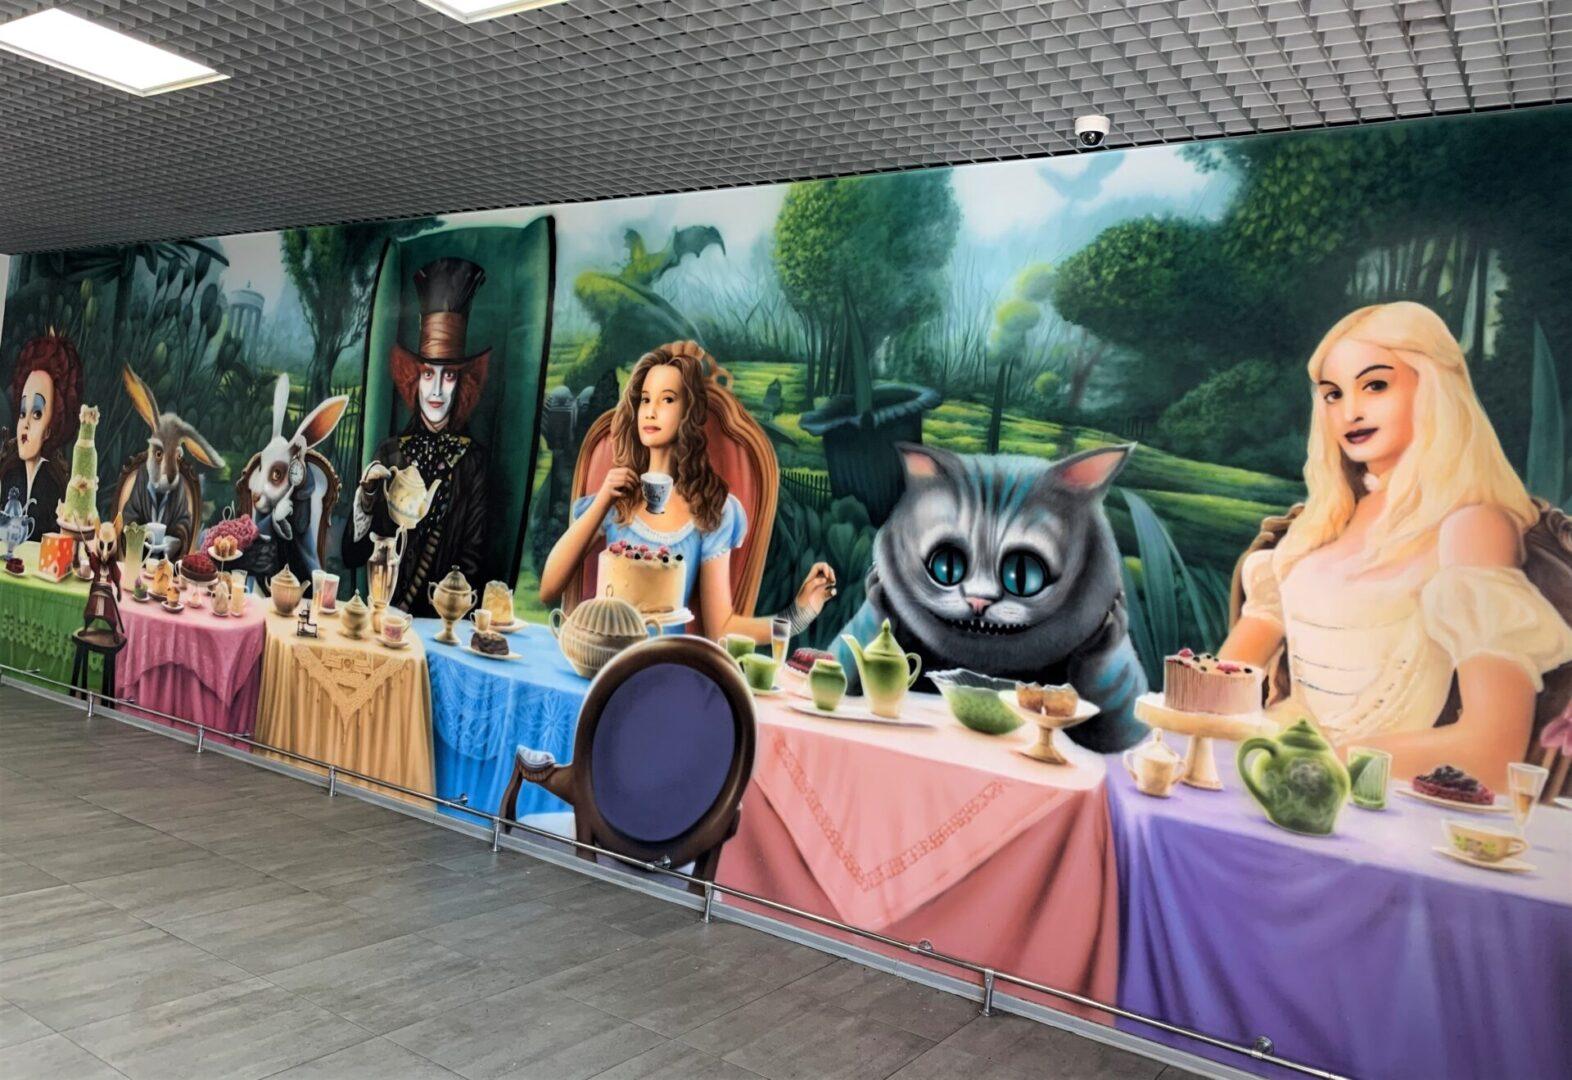 Роспись стен в столовой Новой почти в стиле «Алиса в стране чудес» Белая королева